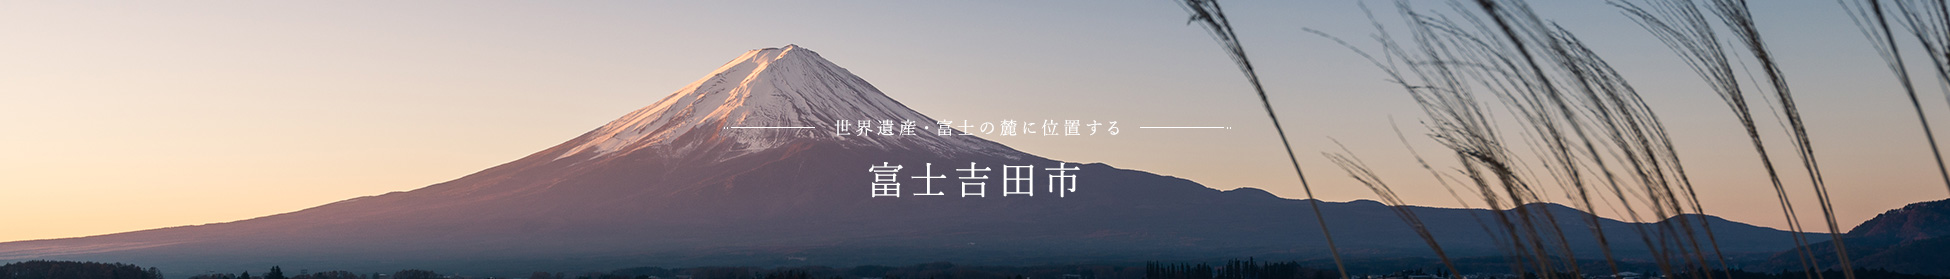 世界遺産・富士の麓に位置する富士吉田市